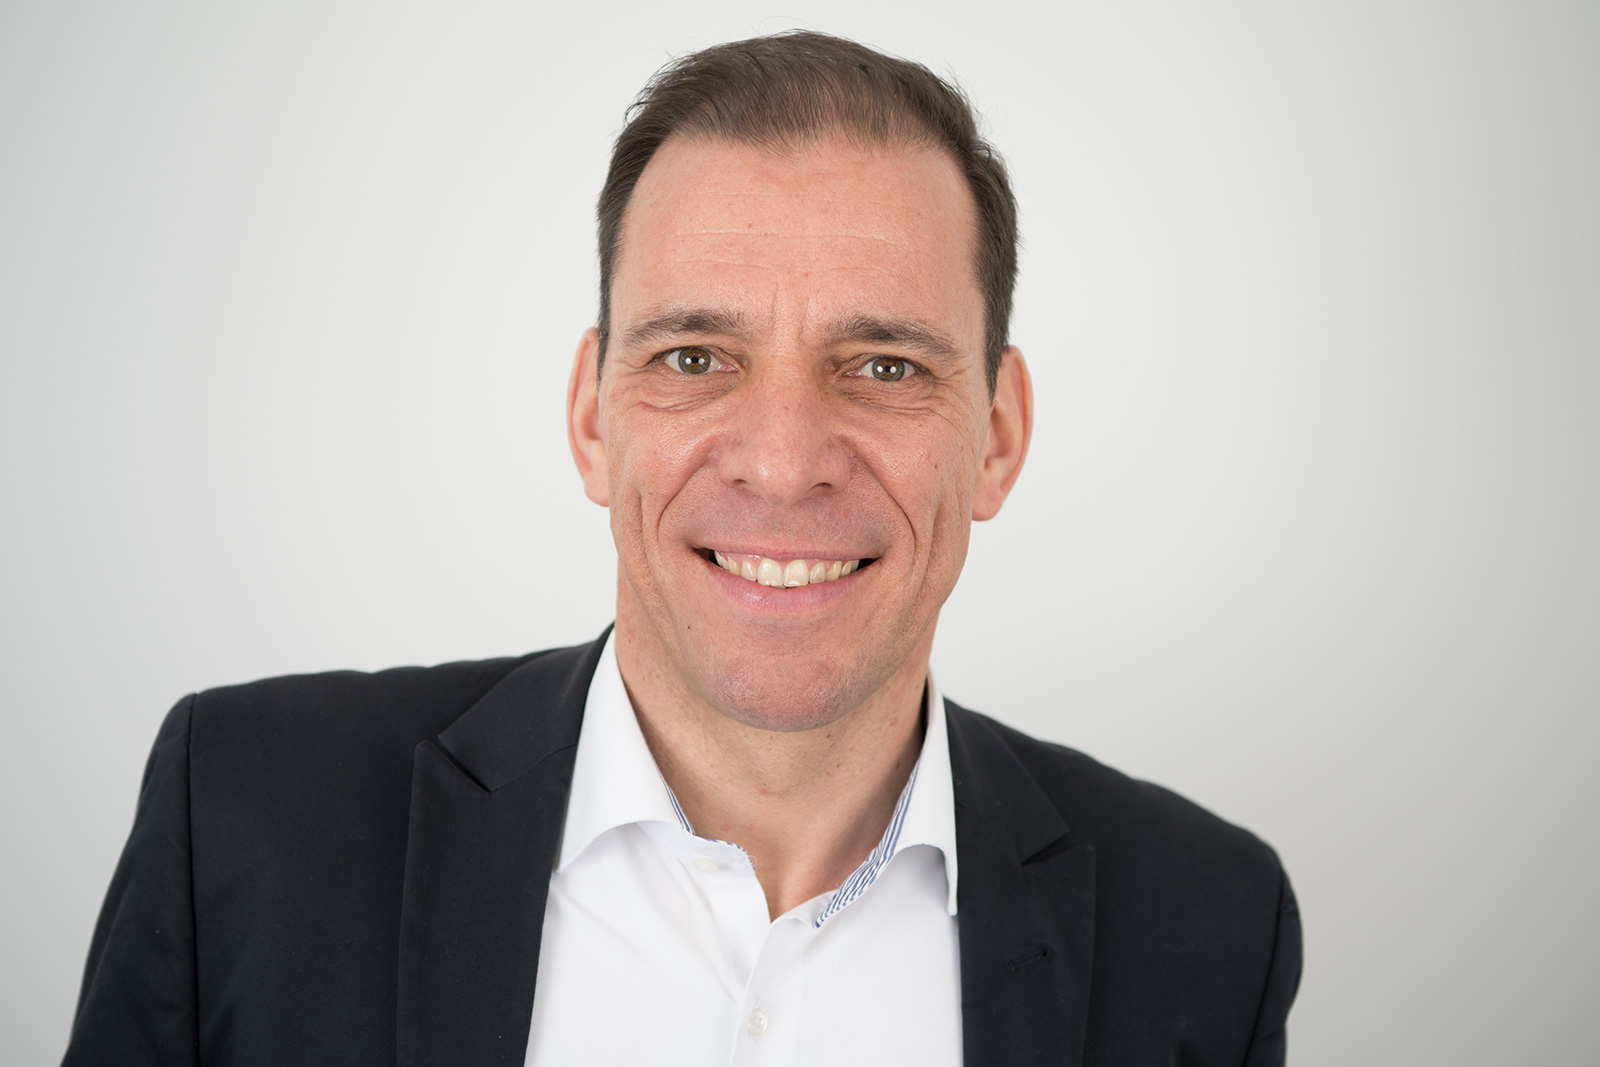 Matthias Meise